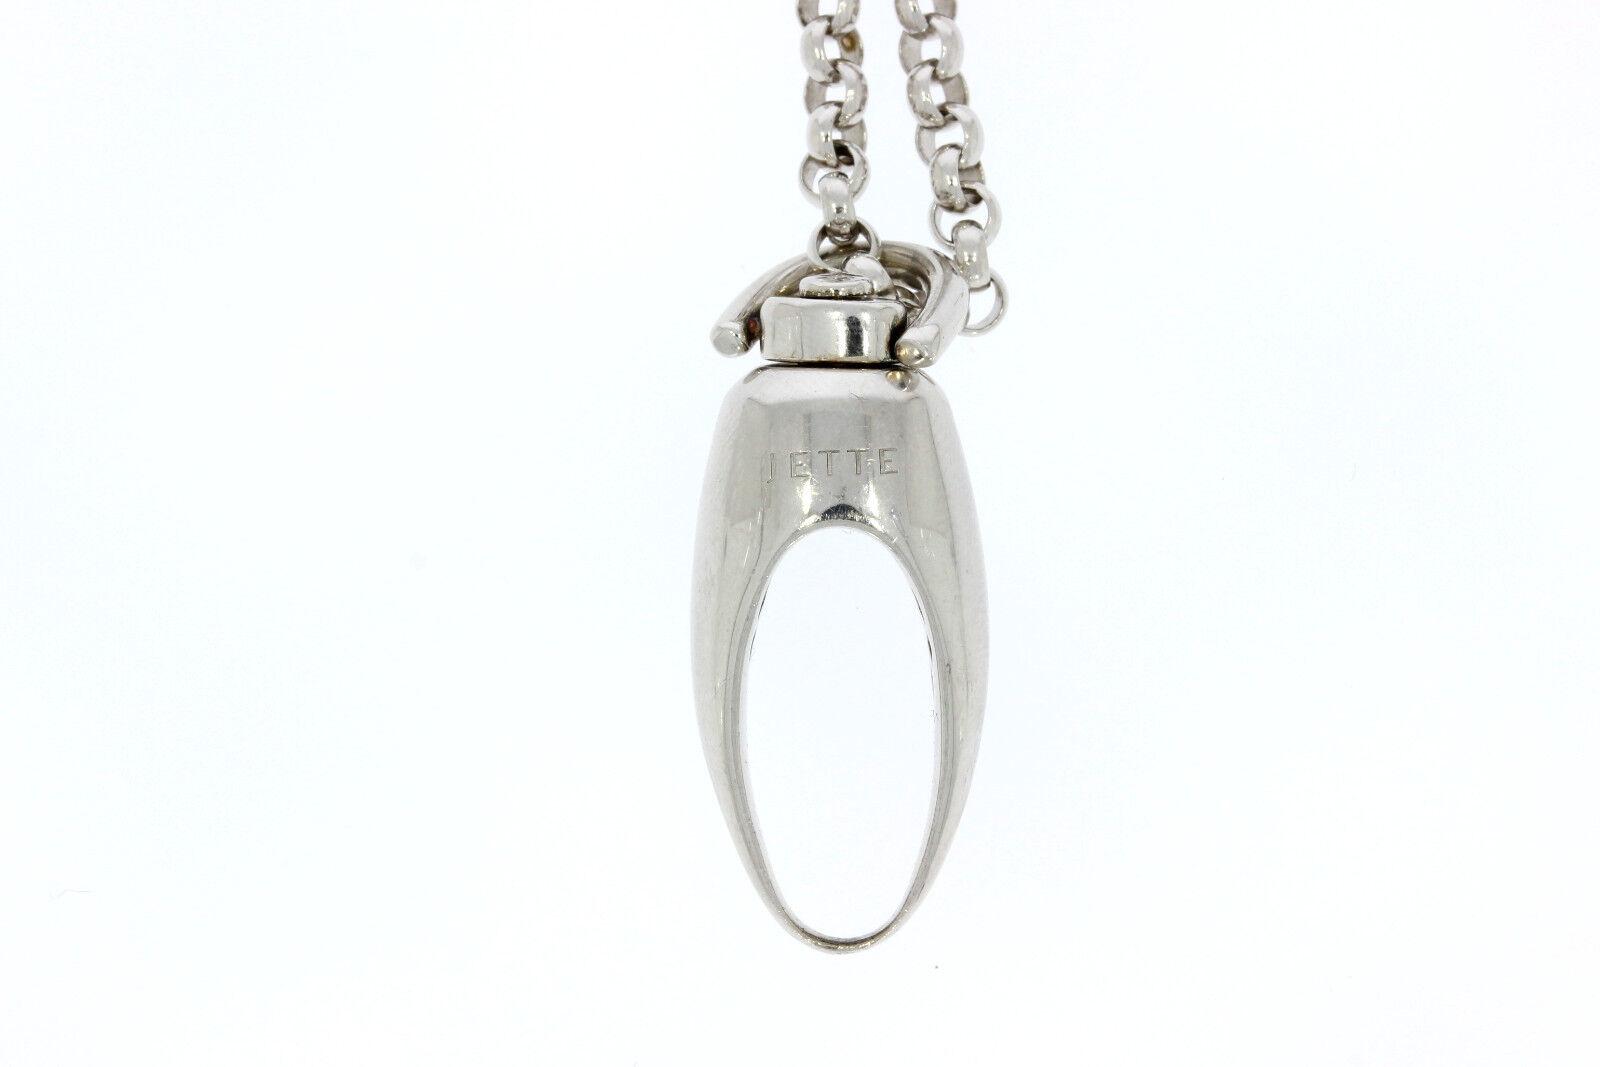 Sr562-925er catena argentoo con con con ciondolo catena lunga 80 cm CIONDOLO 4 5x1 56 cm 7155c3